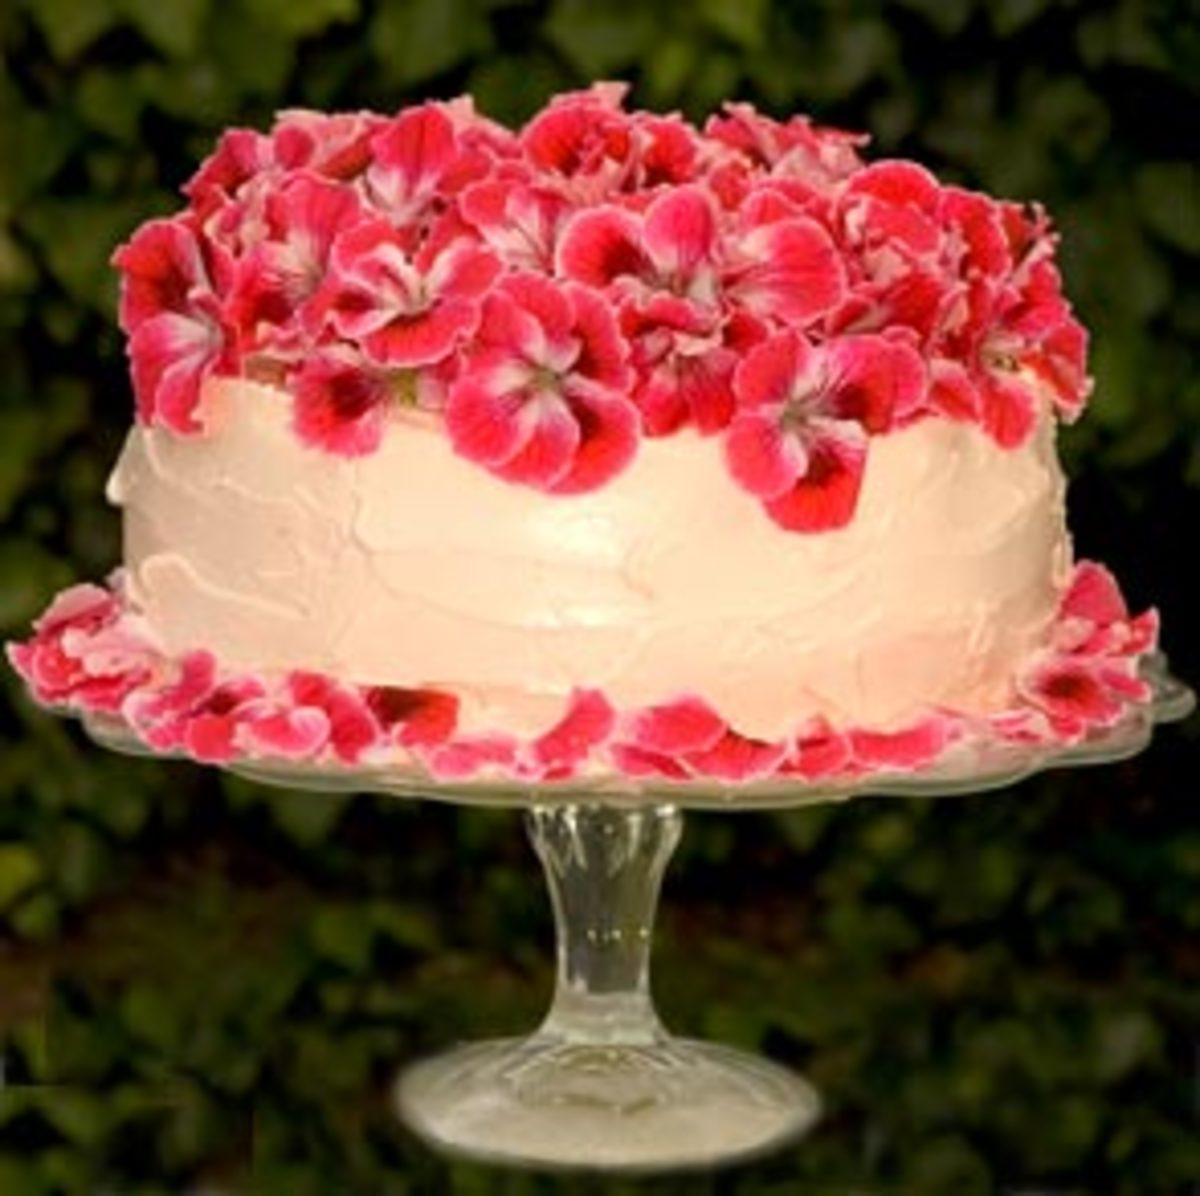 geraniums on cake